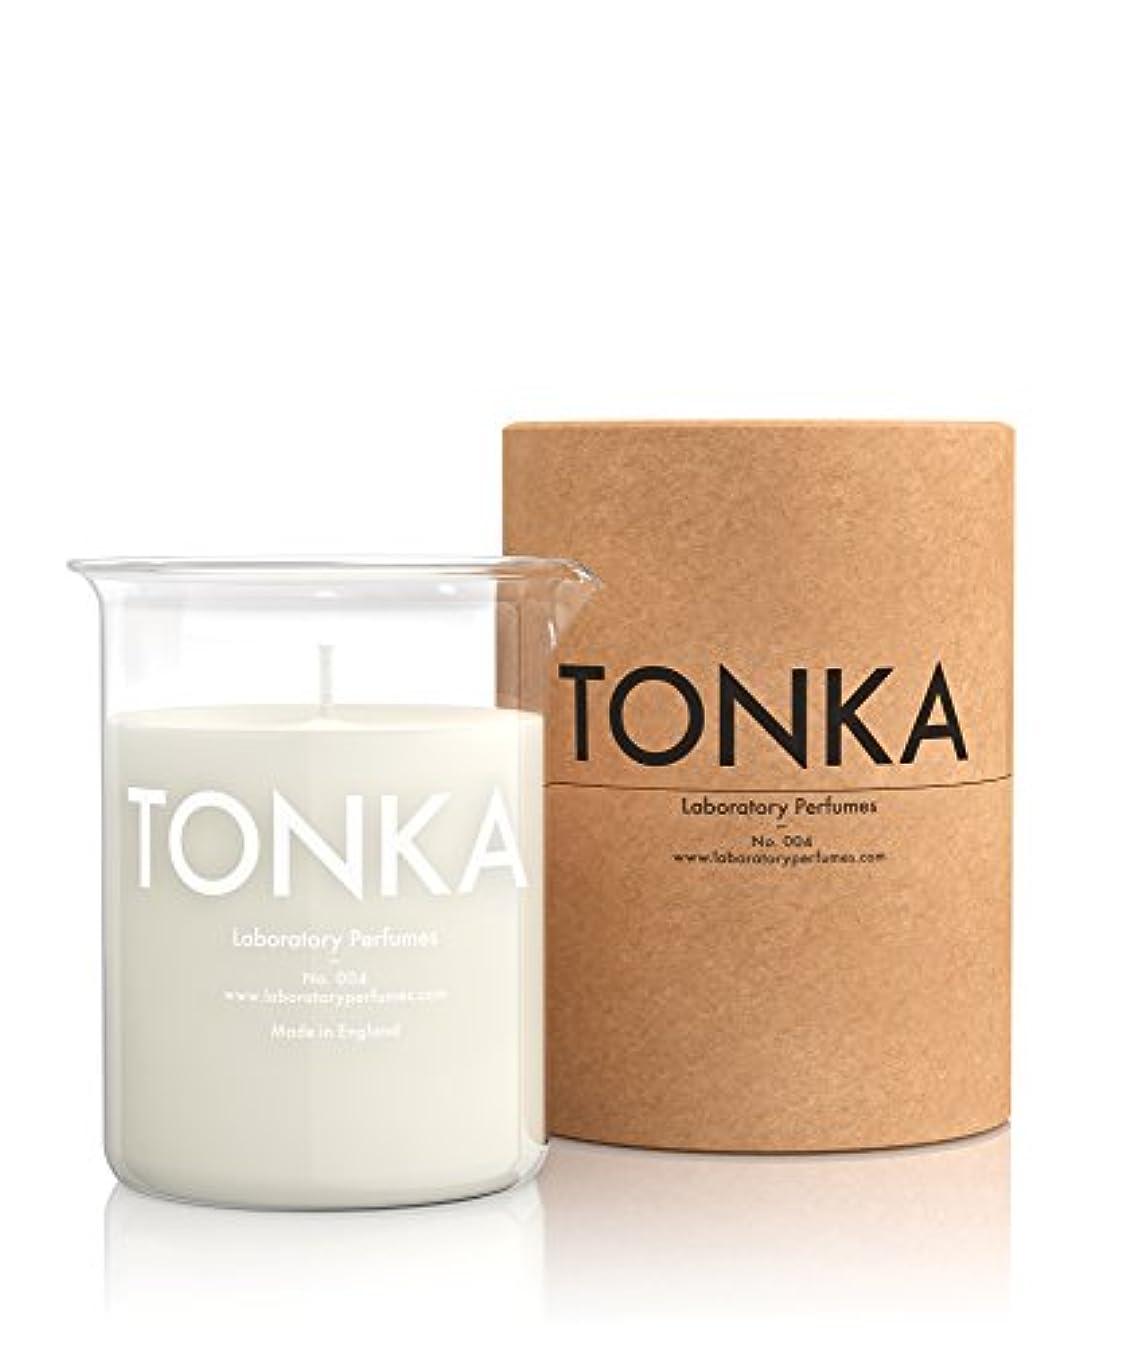 合体定義その他Labortory Perfumes キャンドル トンカ Tonka (アロマティックオリエンタル Aromatic Oriental) Candle ラボラトリー パフューム